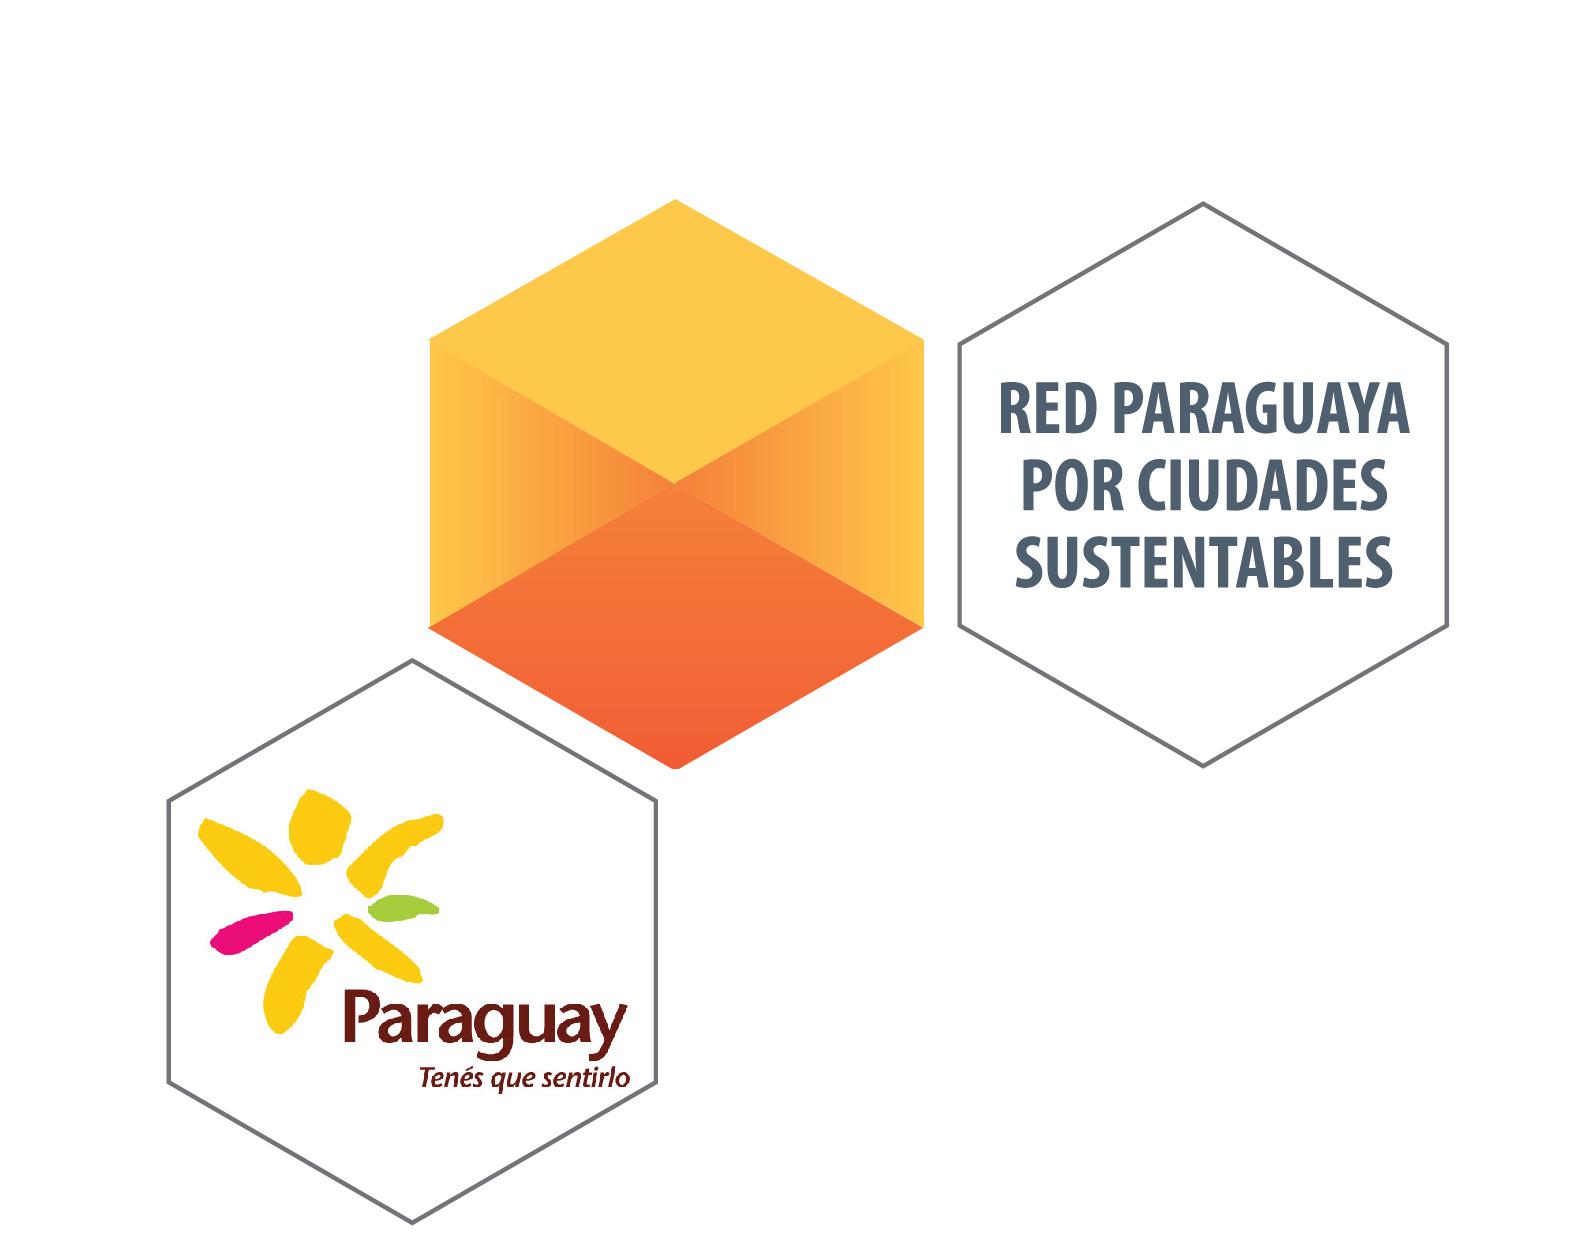 Turismo, Red Paraguaya de Ciudades Sustentables imagen